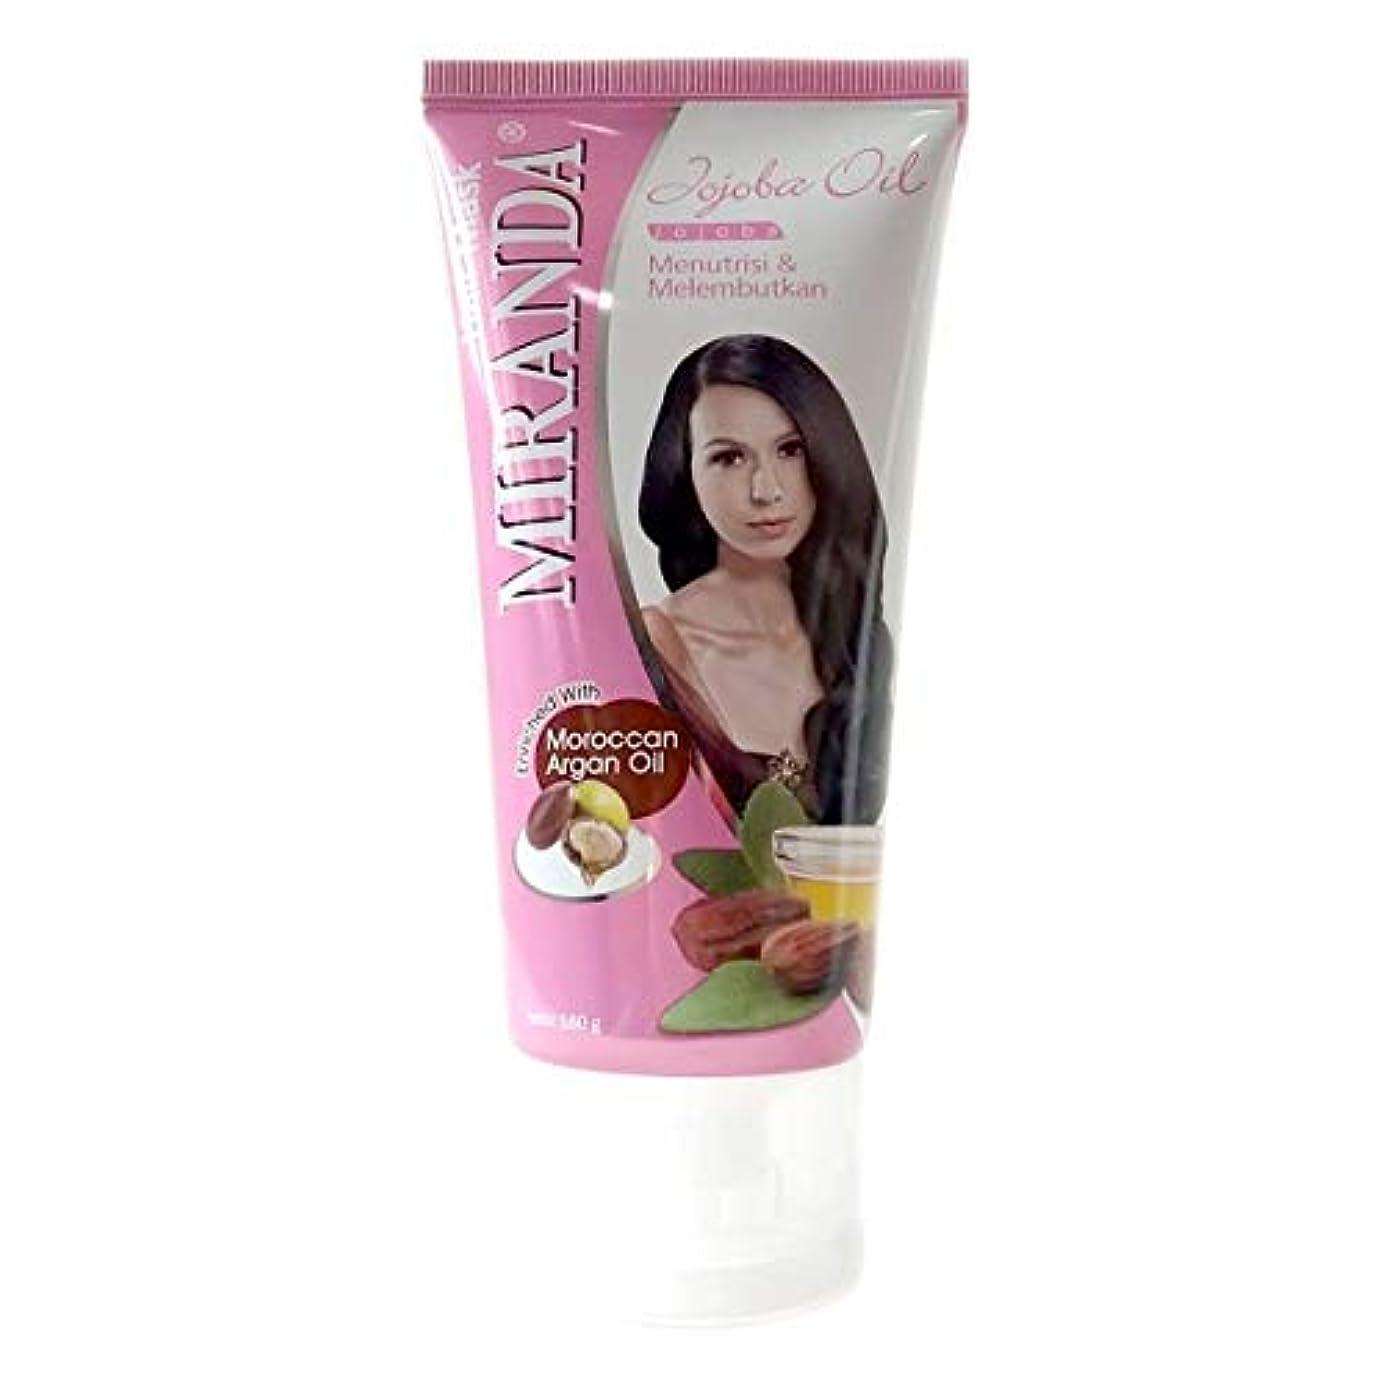 ブランド作り上げるまだらMIRANDA ミランダ Hair Mask ヘアマスク モロッカンアルガンオイル主成分のヘアトリートメント 160g Jojoba oil ホホバオイル [海外直送品]